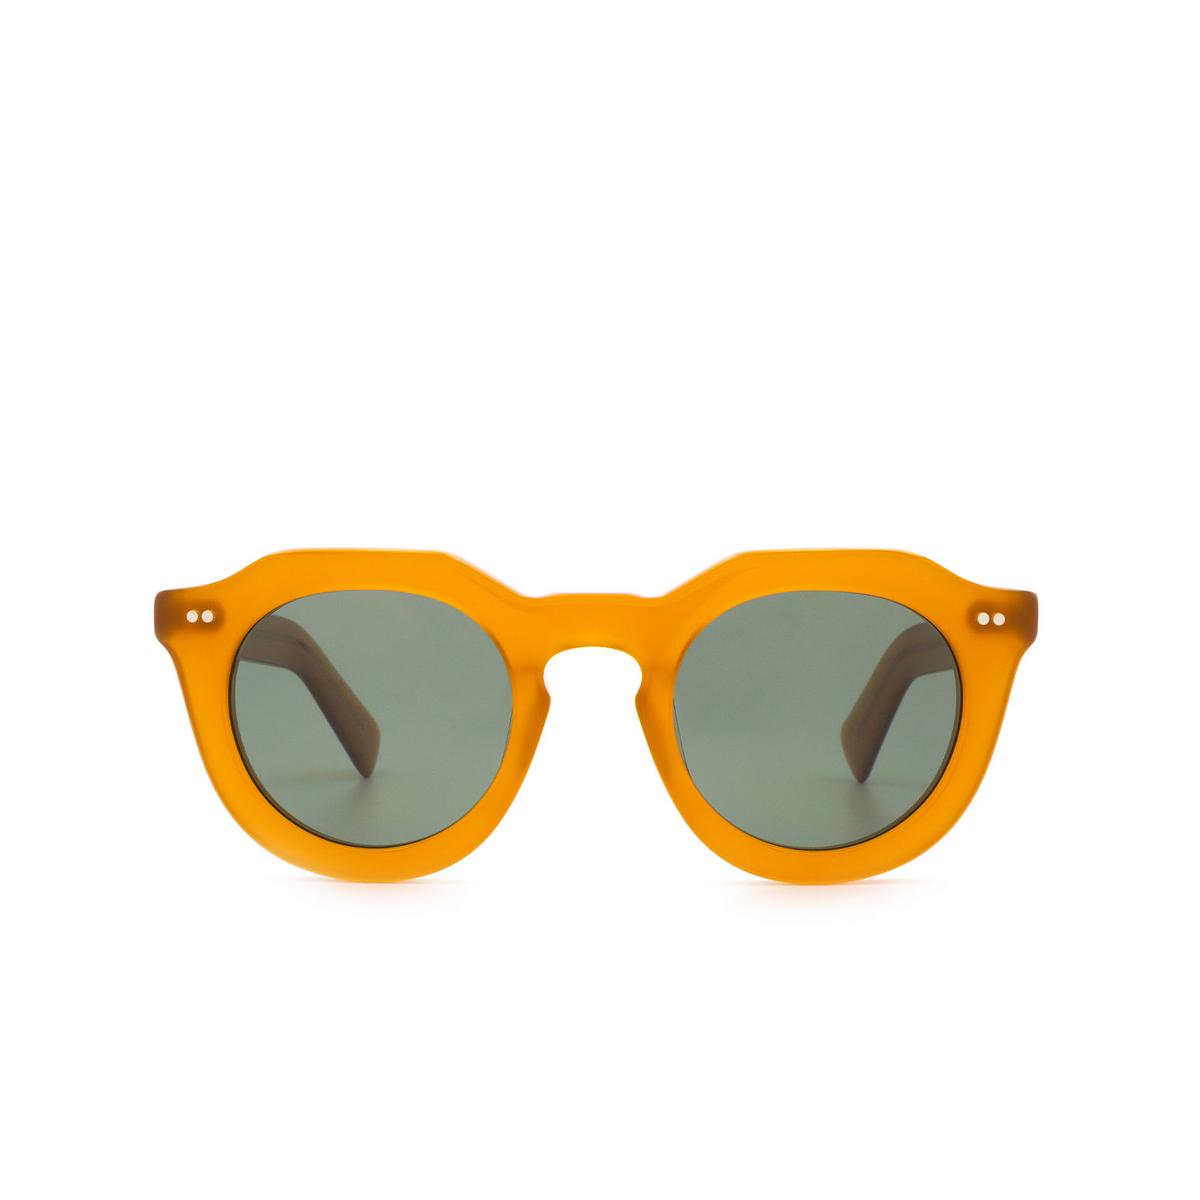 Lesca® Irregular Sunglasses: Toro color Miel 1.